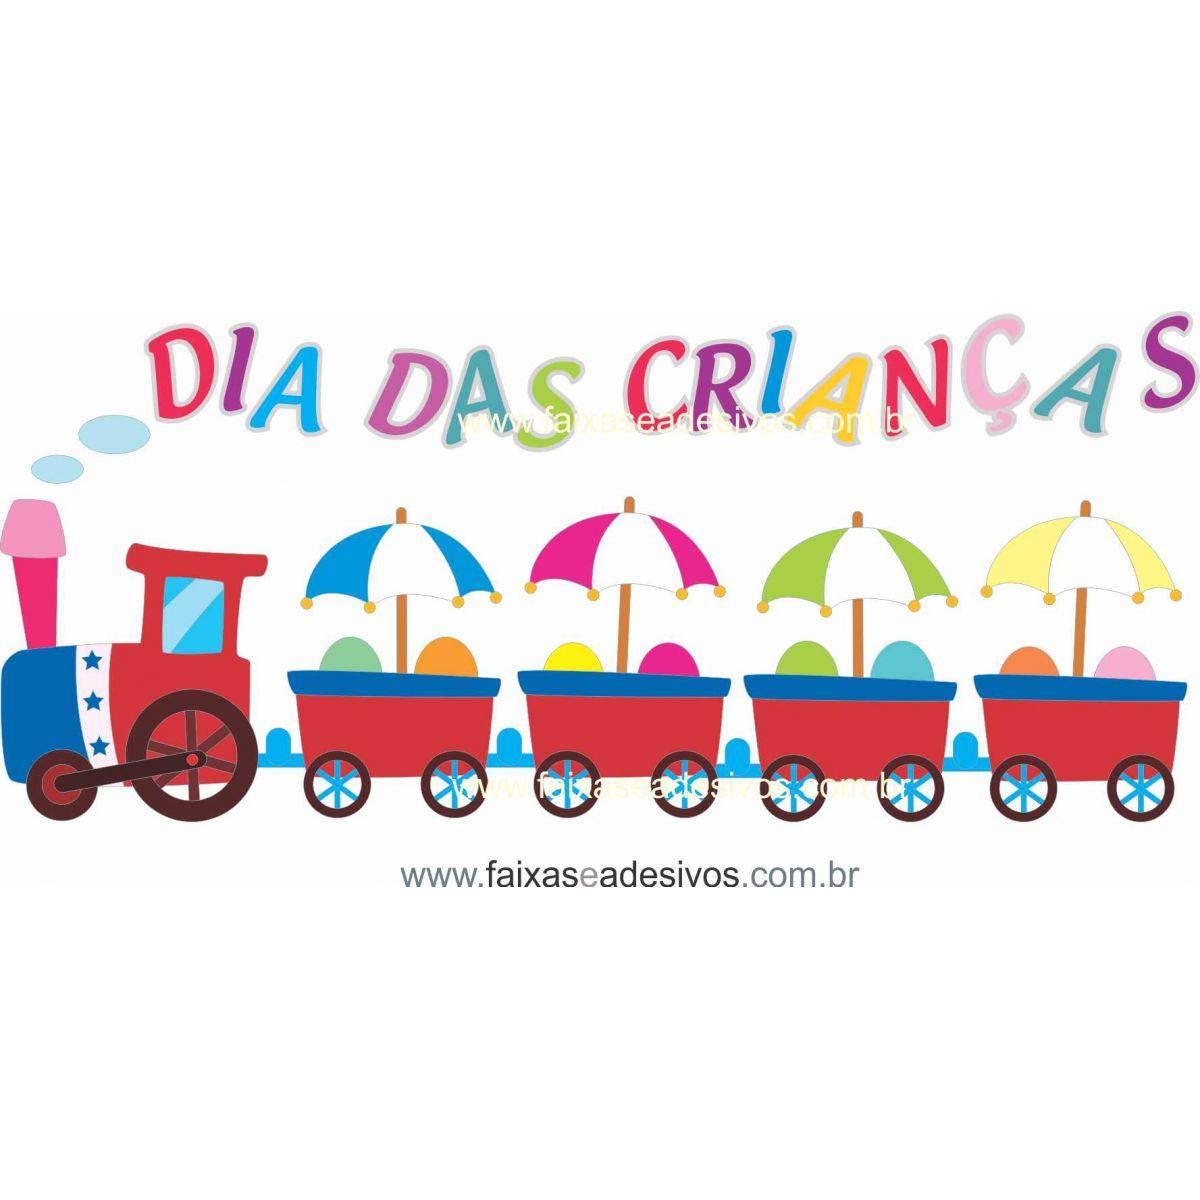 ADC694- Adesivo Dia das crianças Trenzinho 2  - Fac Signs